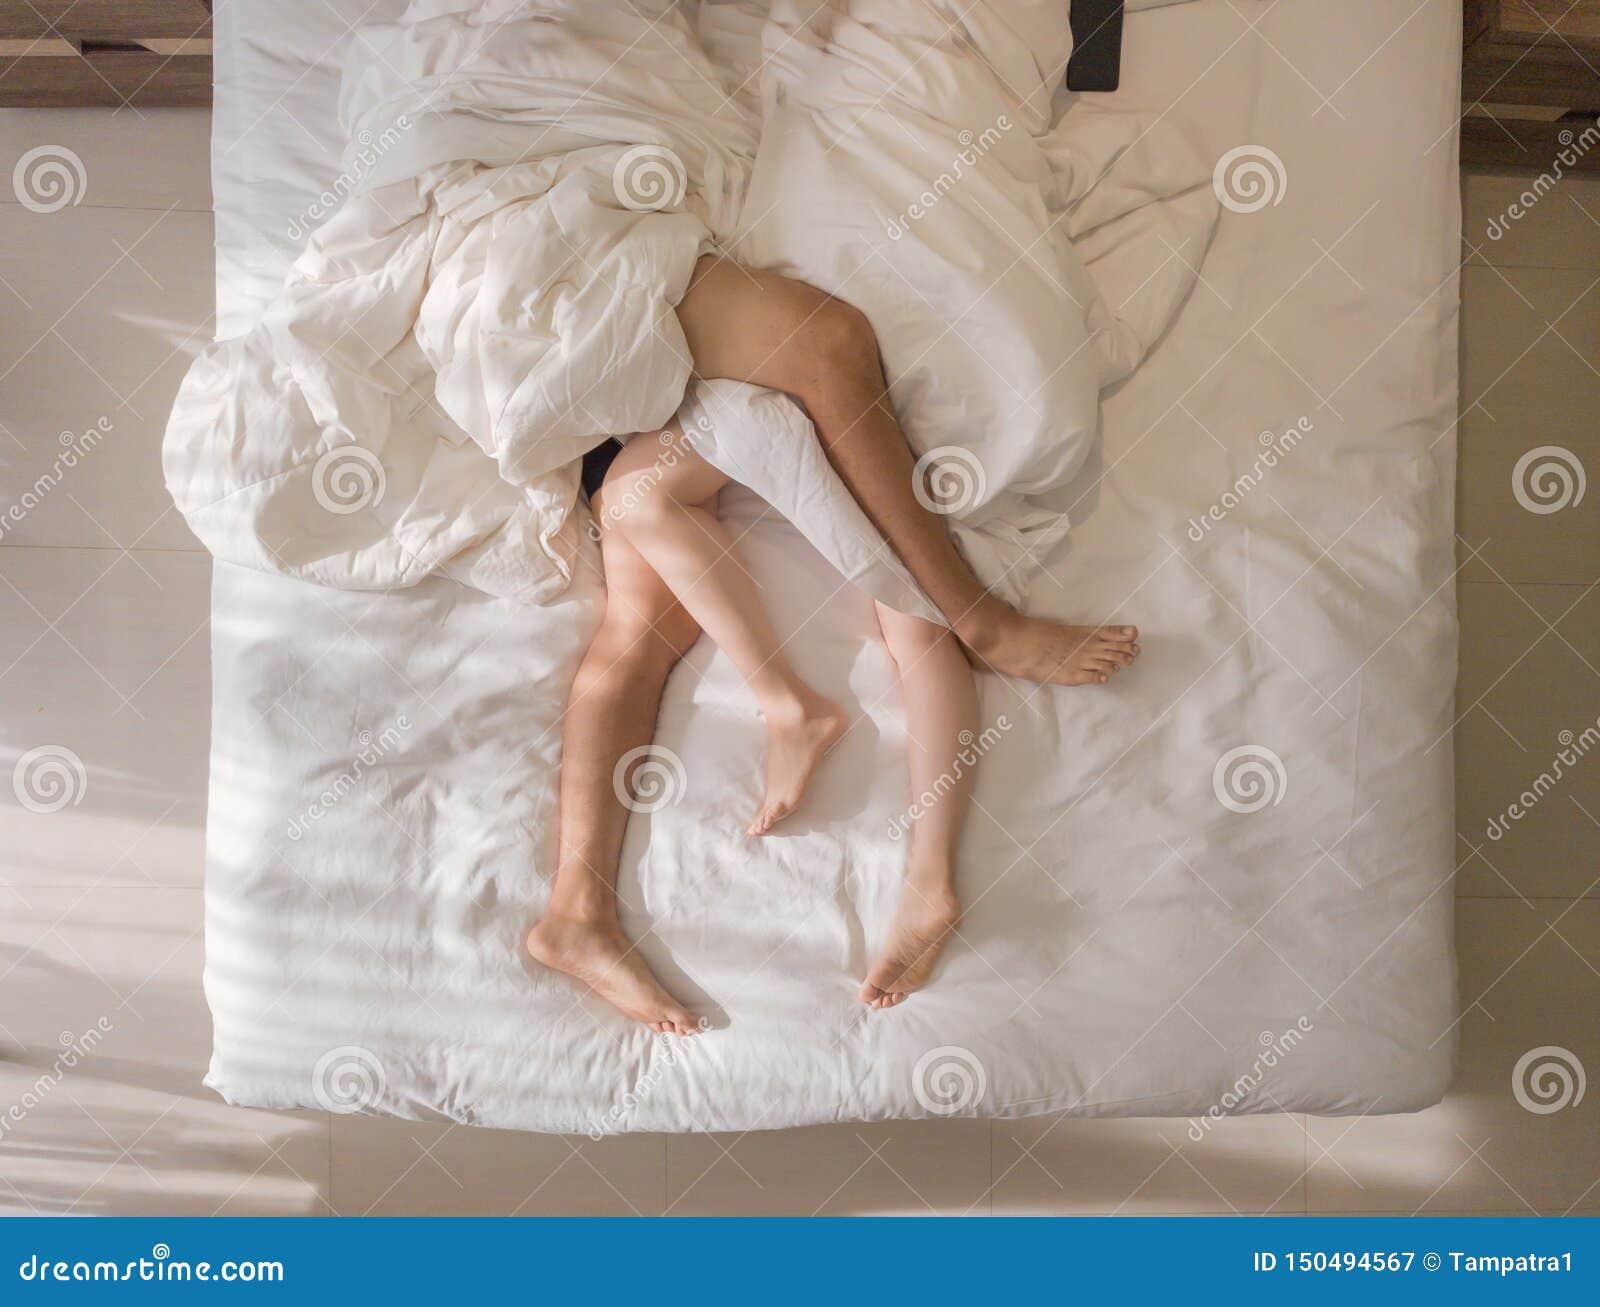 Propósito superior de dormir romántico de los pares pies desnudos de sus piernas que mienten en una cama con la manta blanca en c